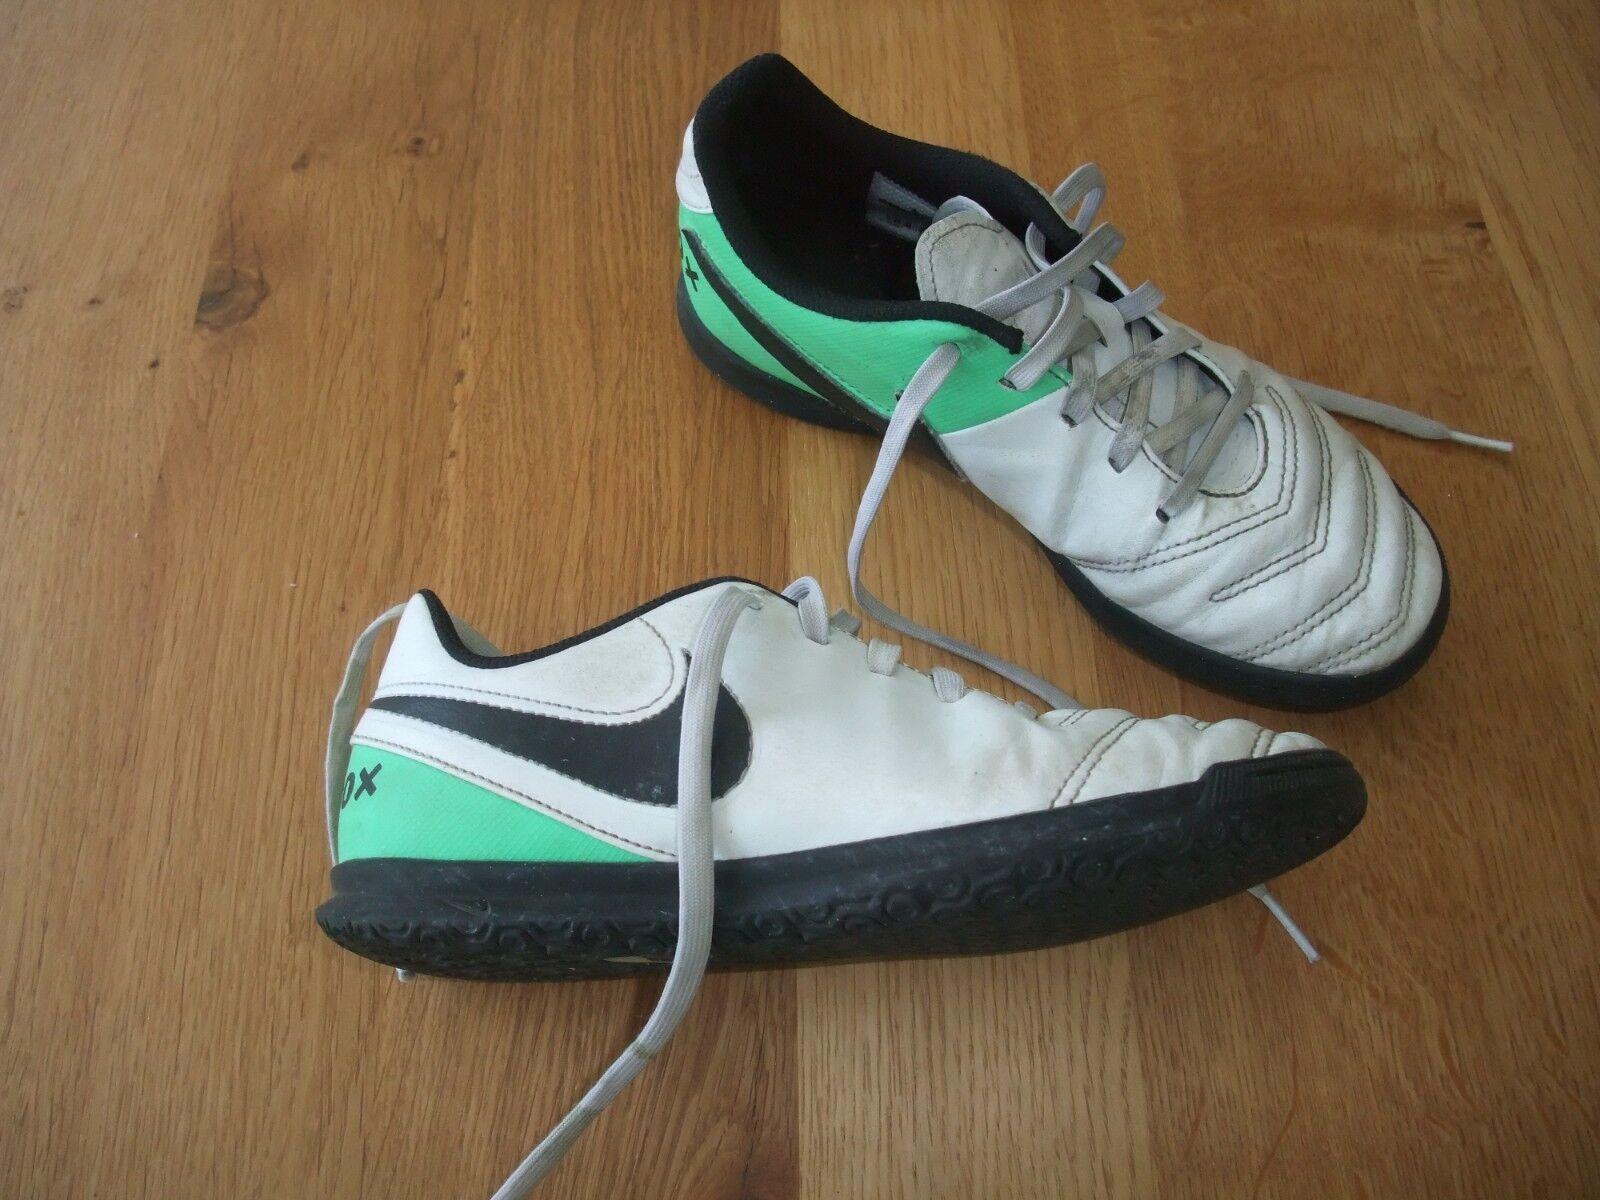 Nike Tiempo hallenschuhe Sportschuhe Fußballschuhe 36,5